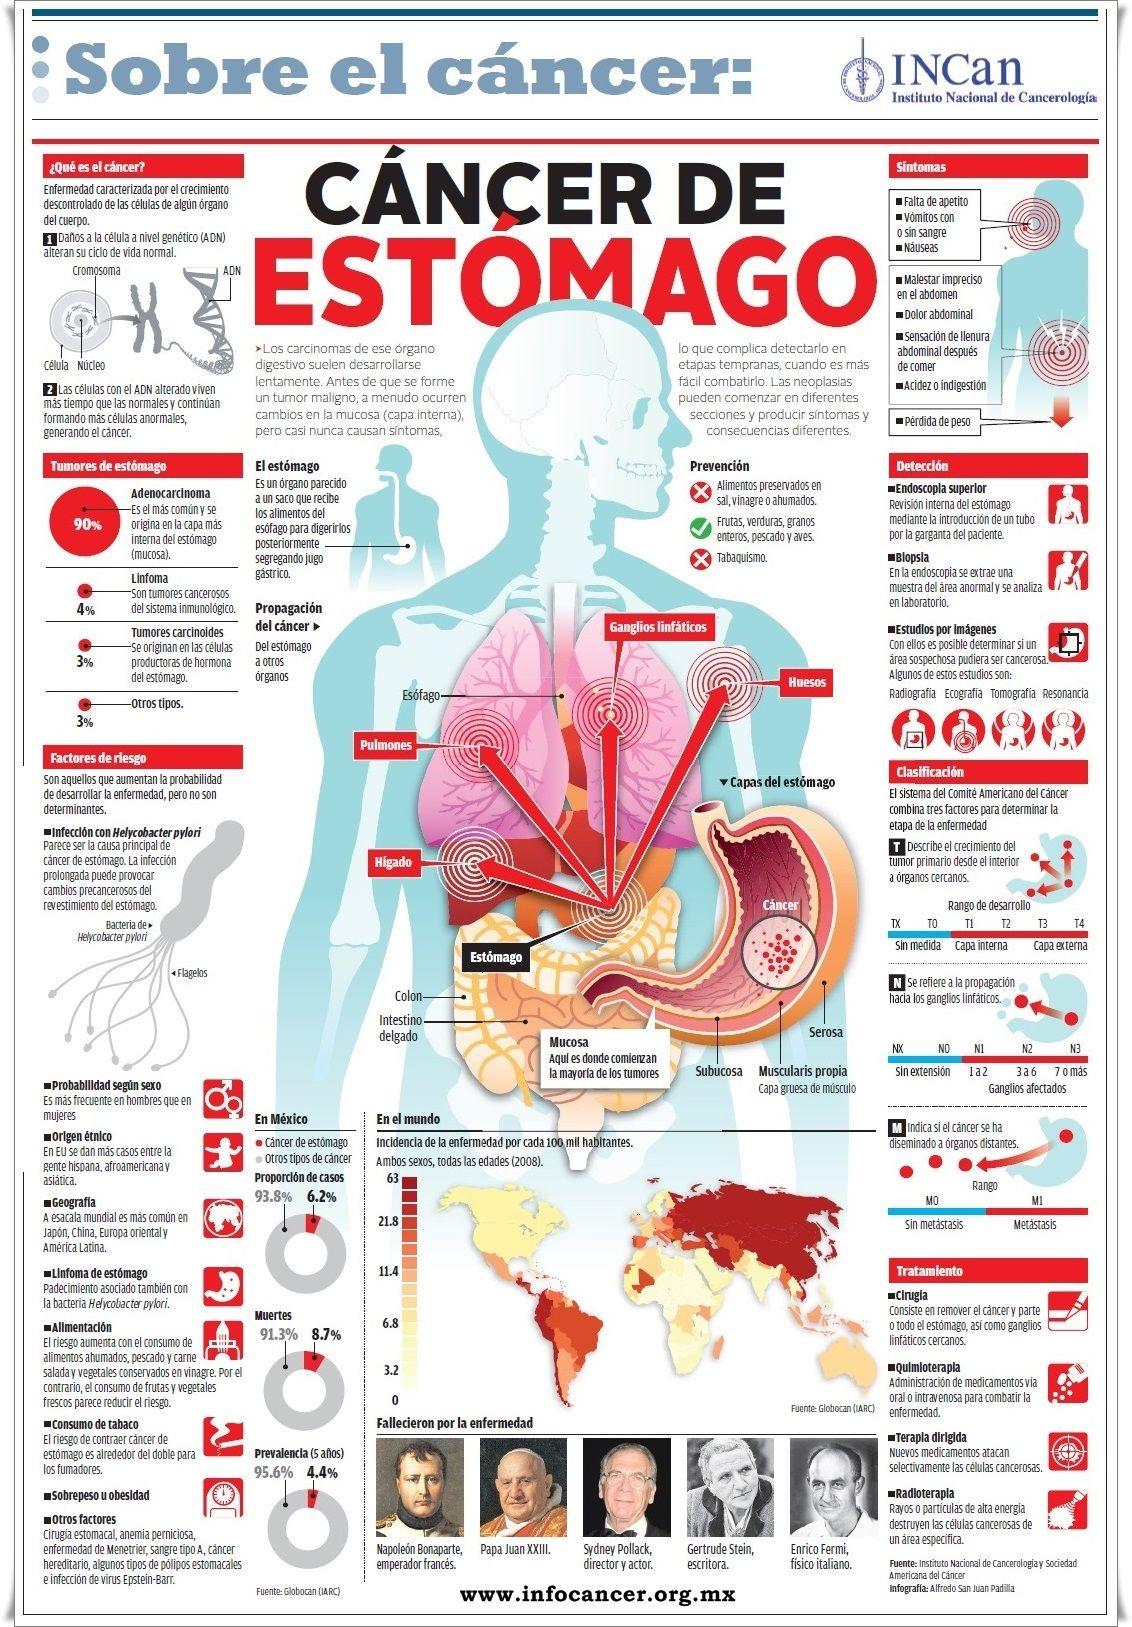 cancer de estomago - Buscar con Google | Closet de Moda | Pinterest ...